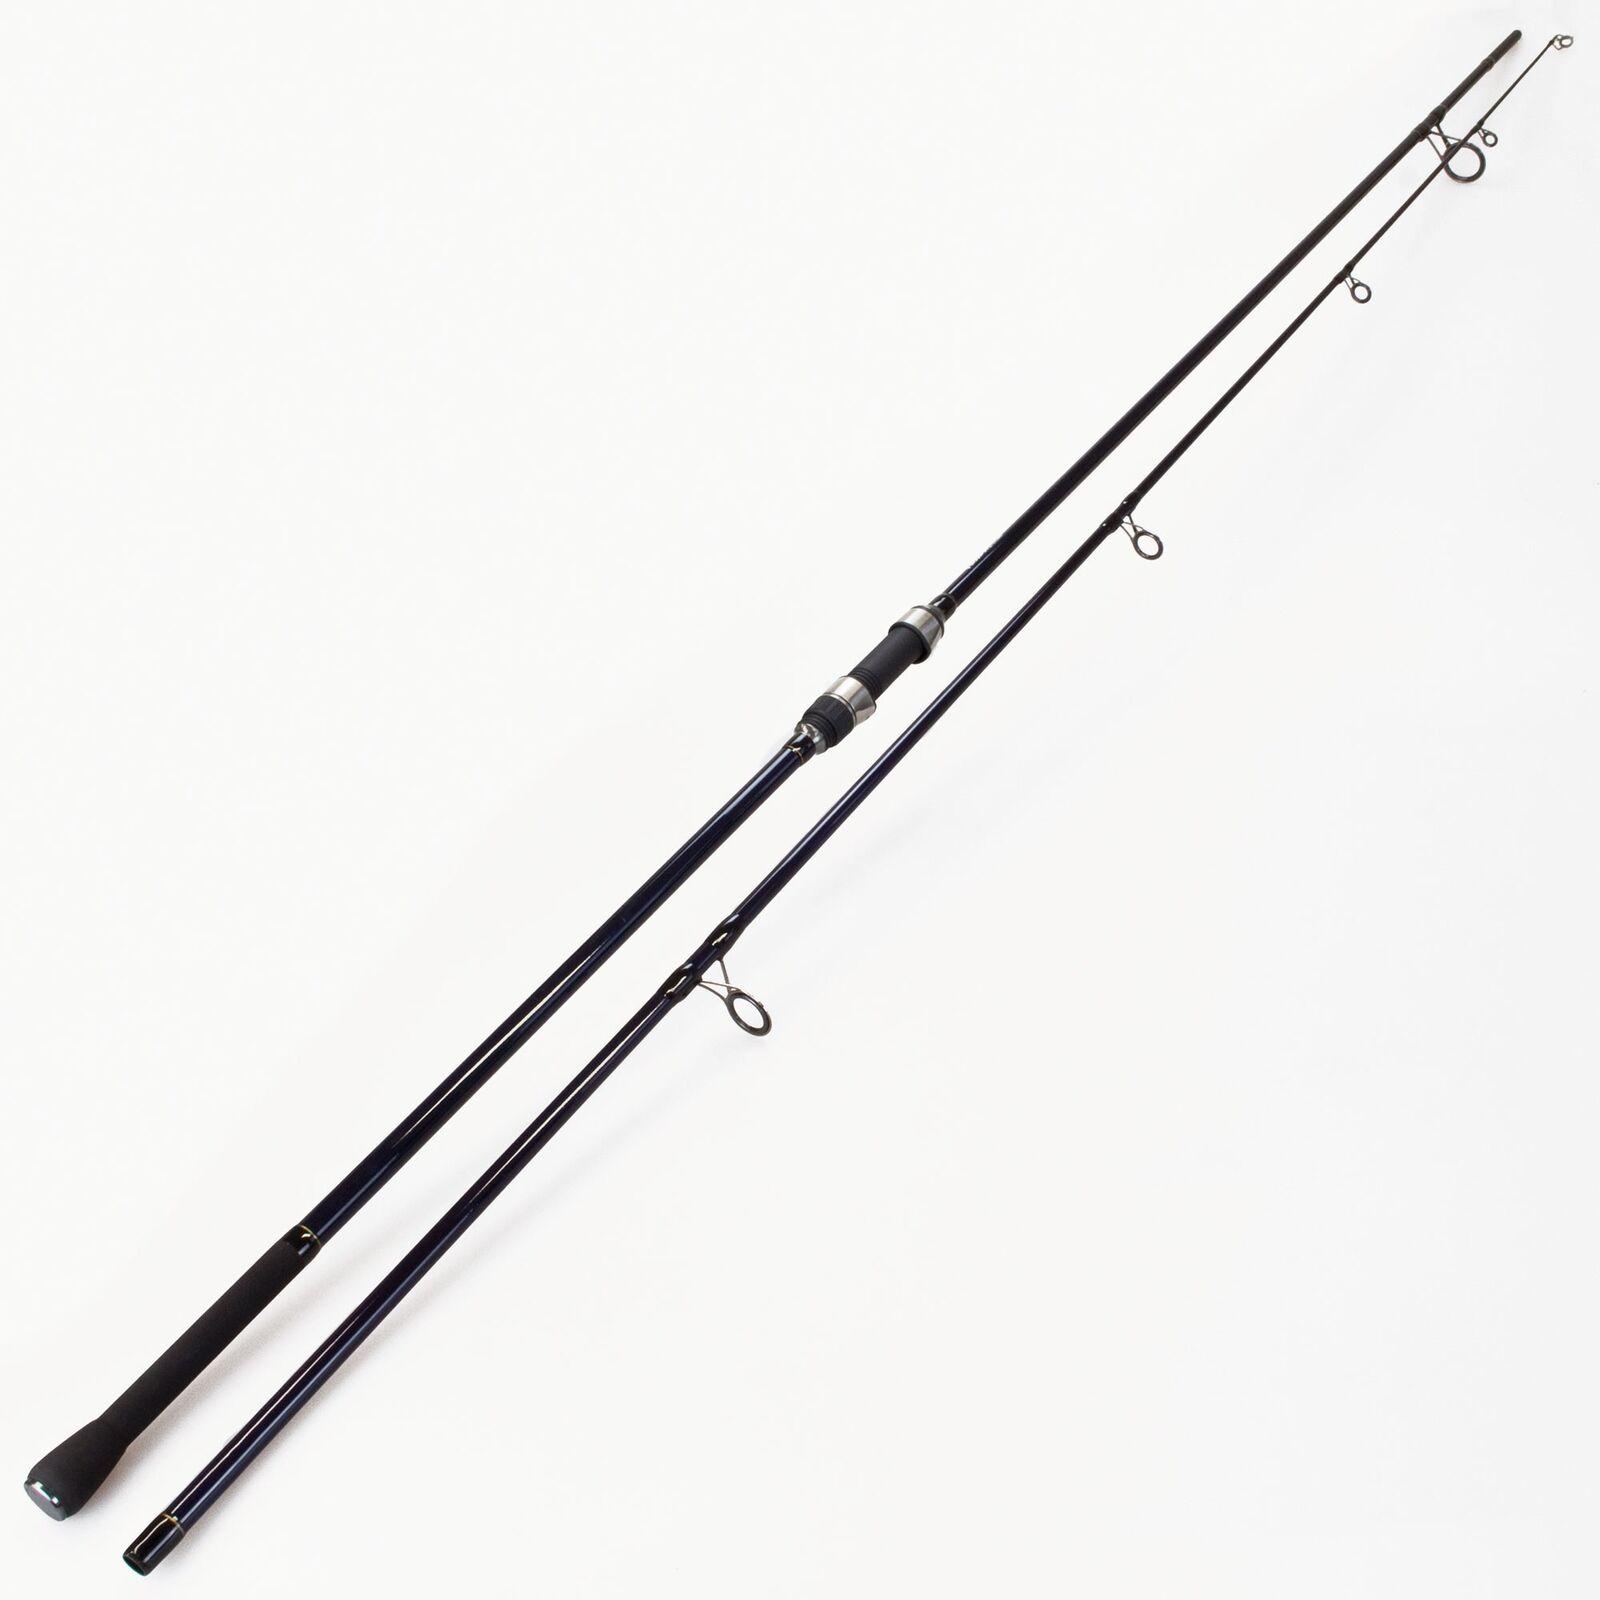 12ft 3lbs Karpfenrute VULTURE Carp Rod Kapfenangeln Carp Fishing Karpfen Angeln